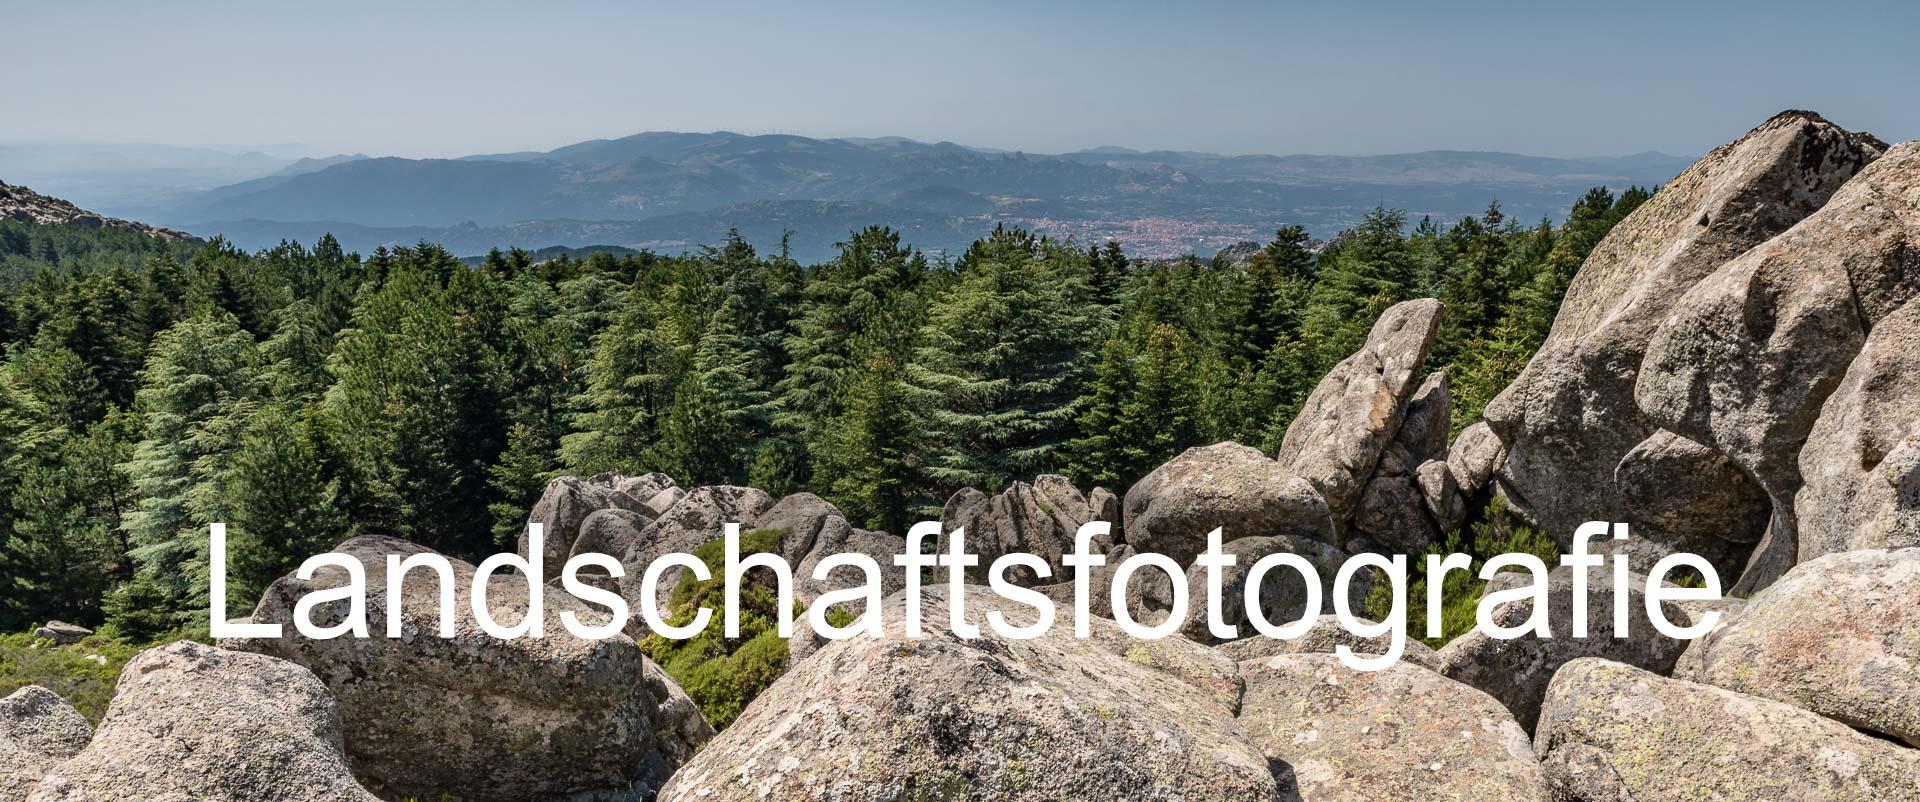 Landschaftsfotografie, mein Praxislehrgang, Einführung / Überblick.